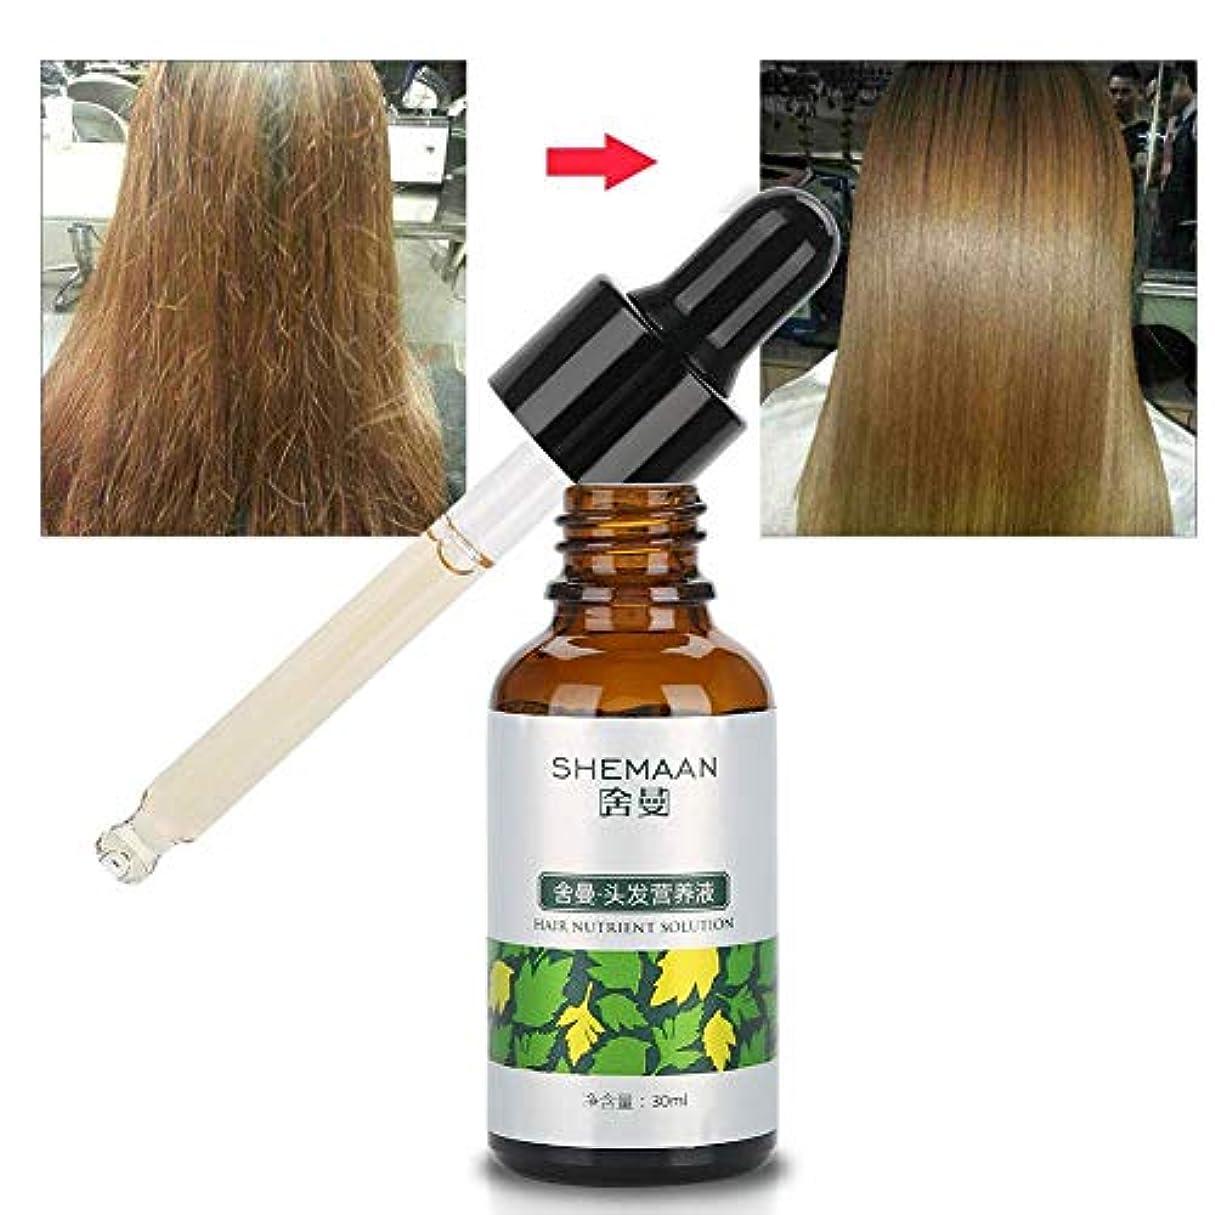 すずめ評論家テナントオイルヘア製品、30mlユニセックスセラムにより、髪を滑らかで柔らかく、明るい髪にします。髪のもつれや枝毛を減らします。